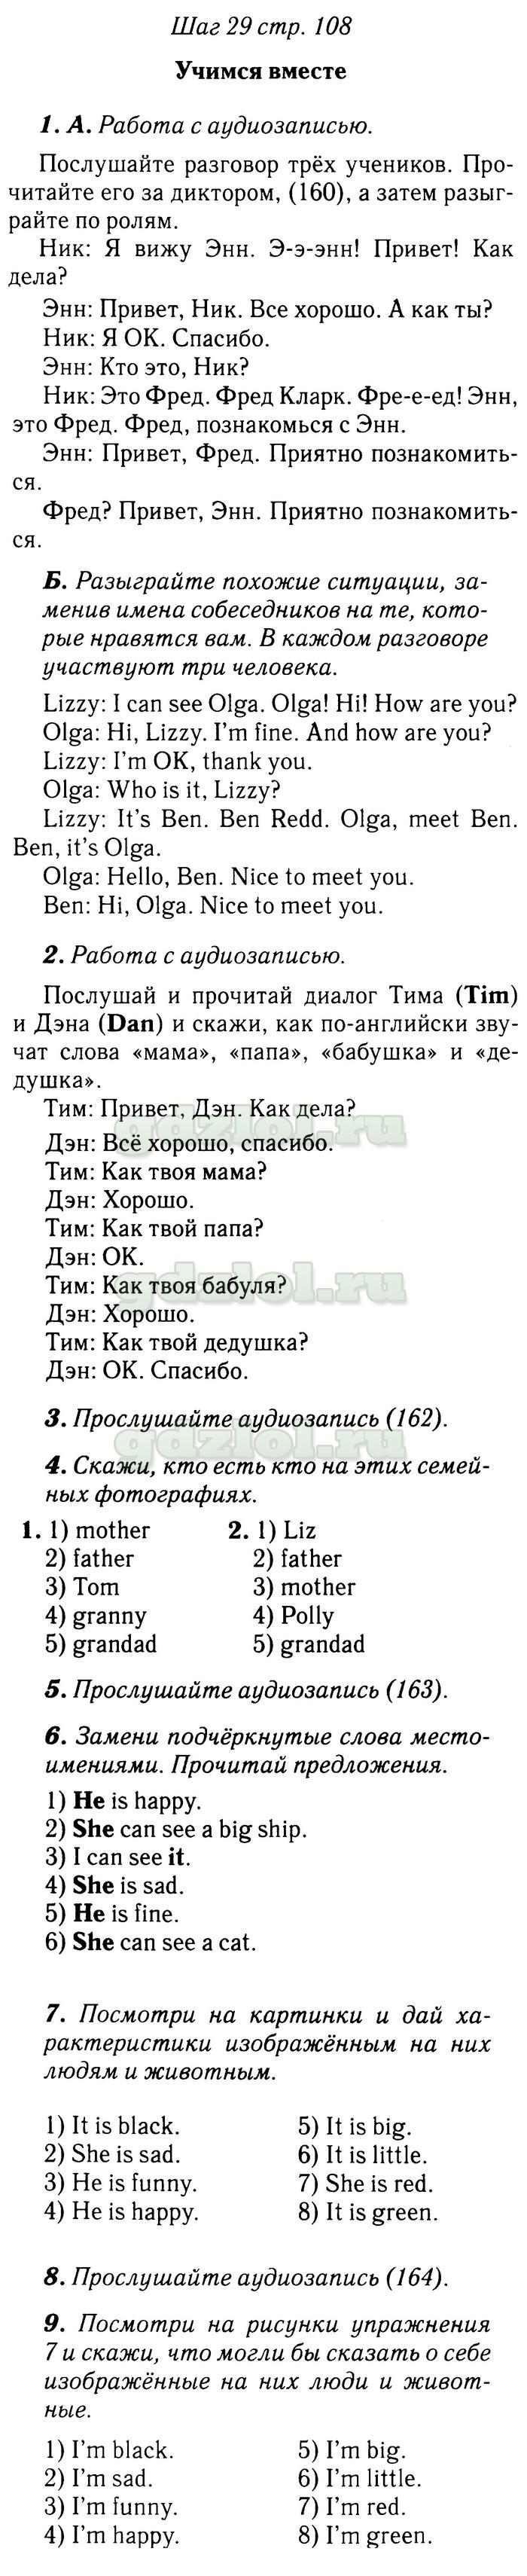 гдз по англ яз 6 класс михеева и афанасьева 2 часть учебник